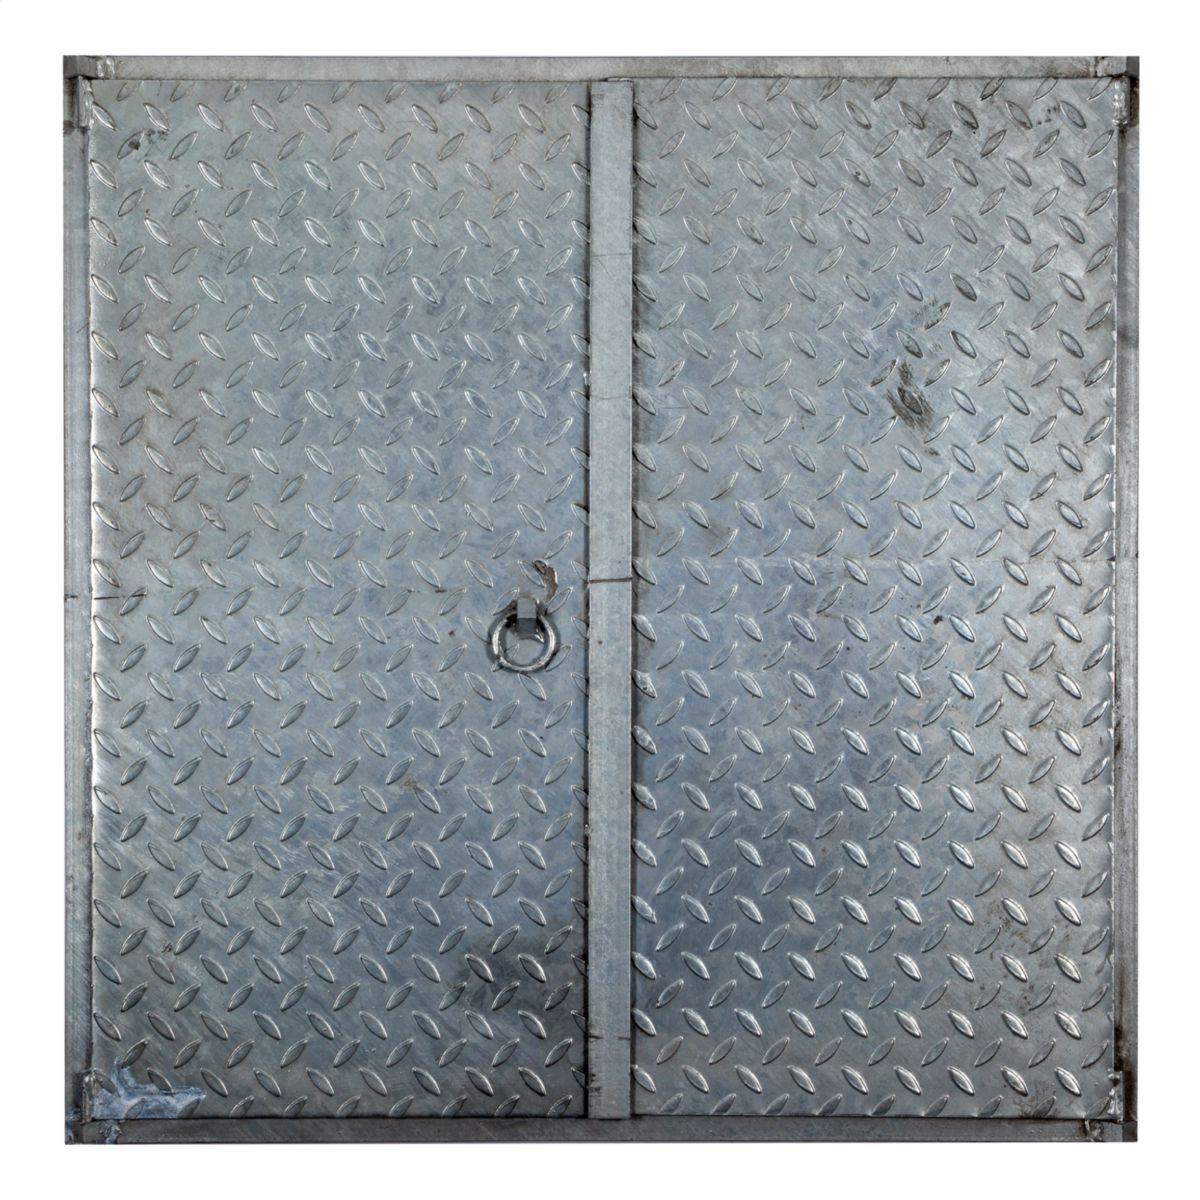 Couvercle Larmé Pour Passage De Voiture - Acier Galvanisé - 100X100 Cm intérieur Regard Béton 100X100